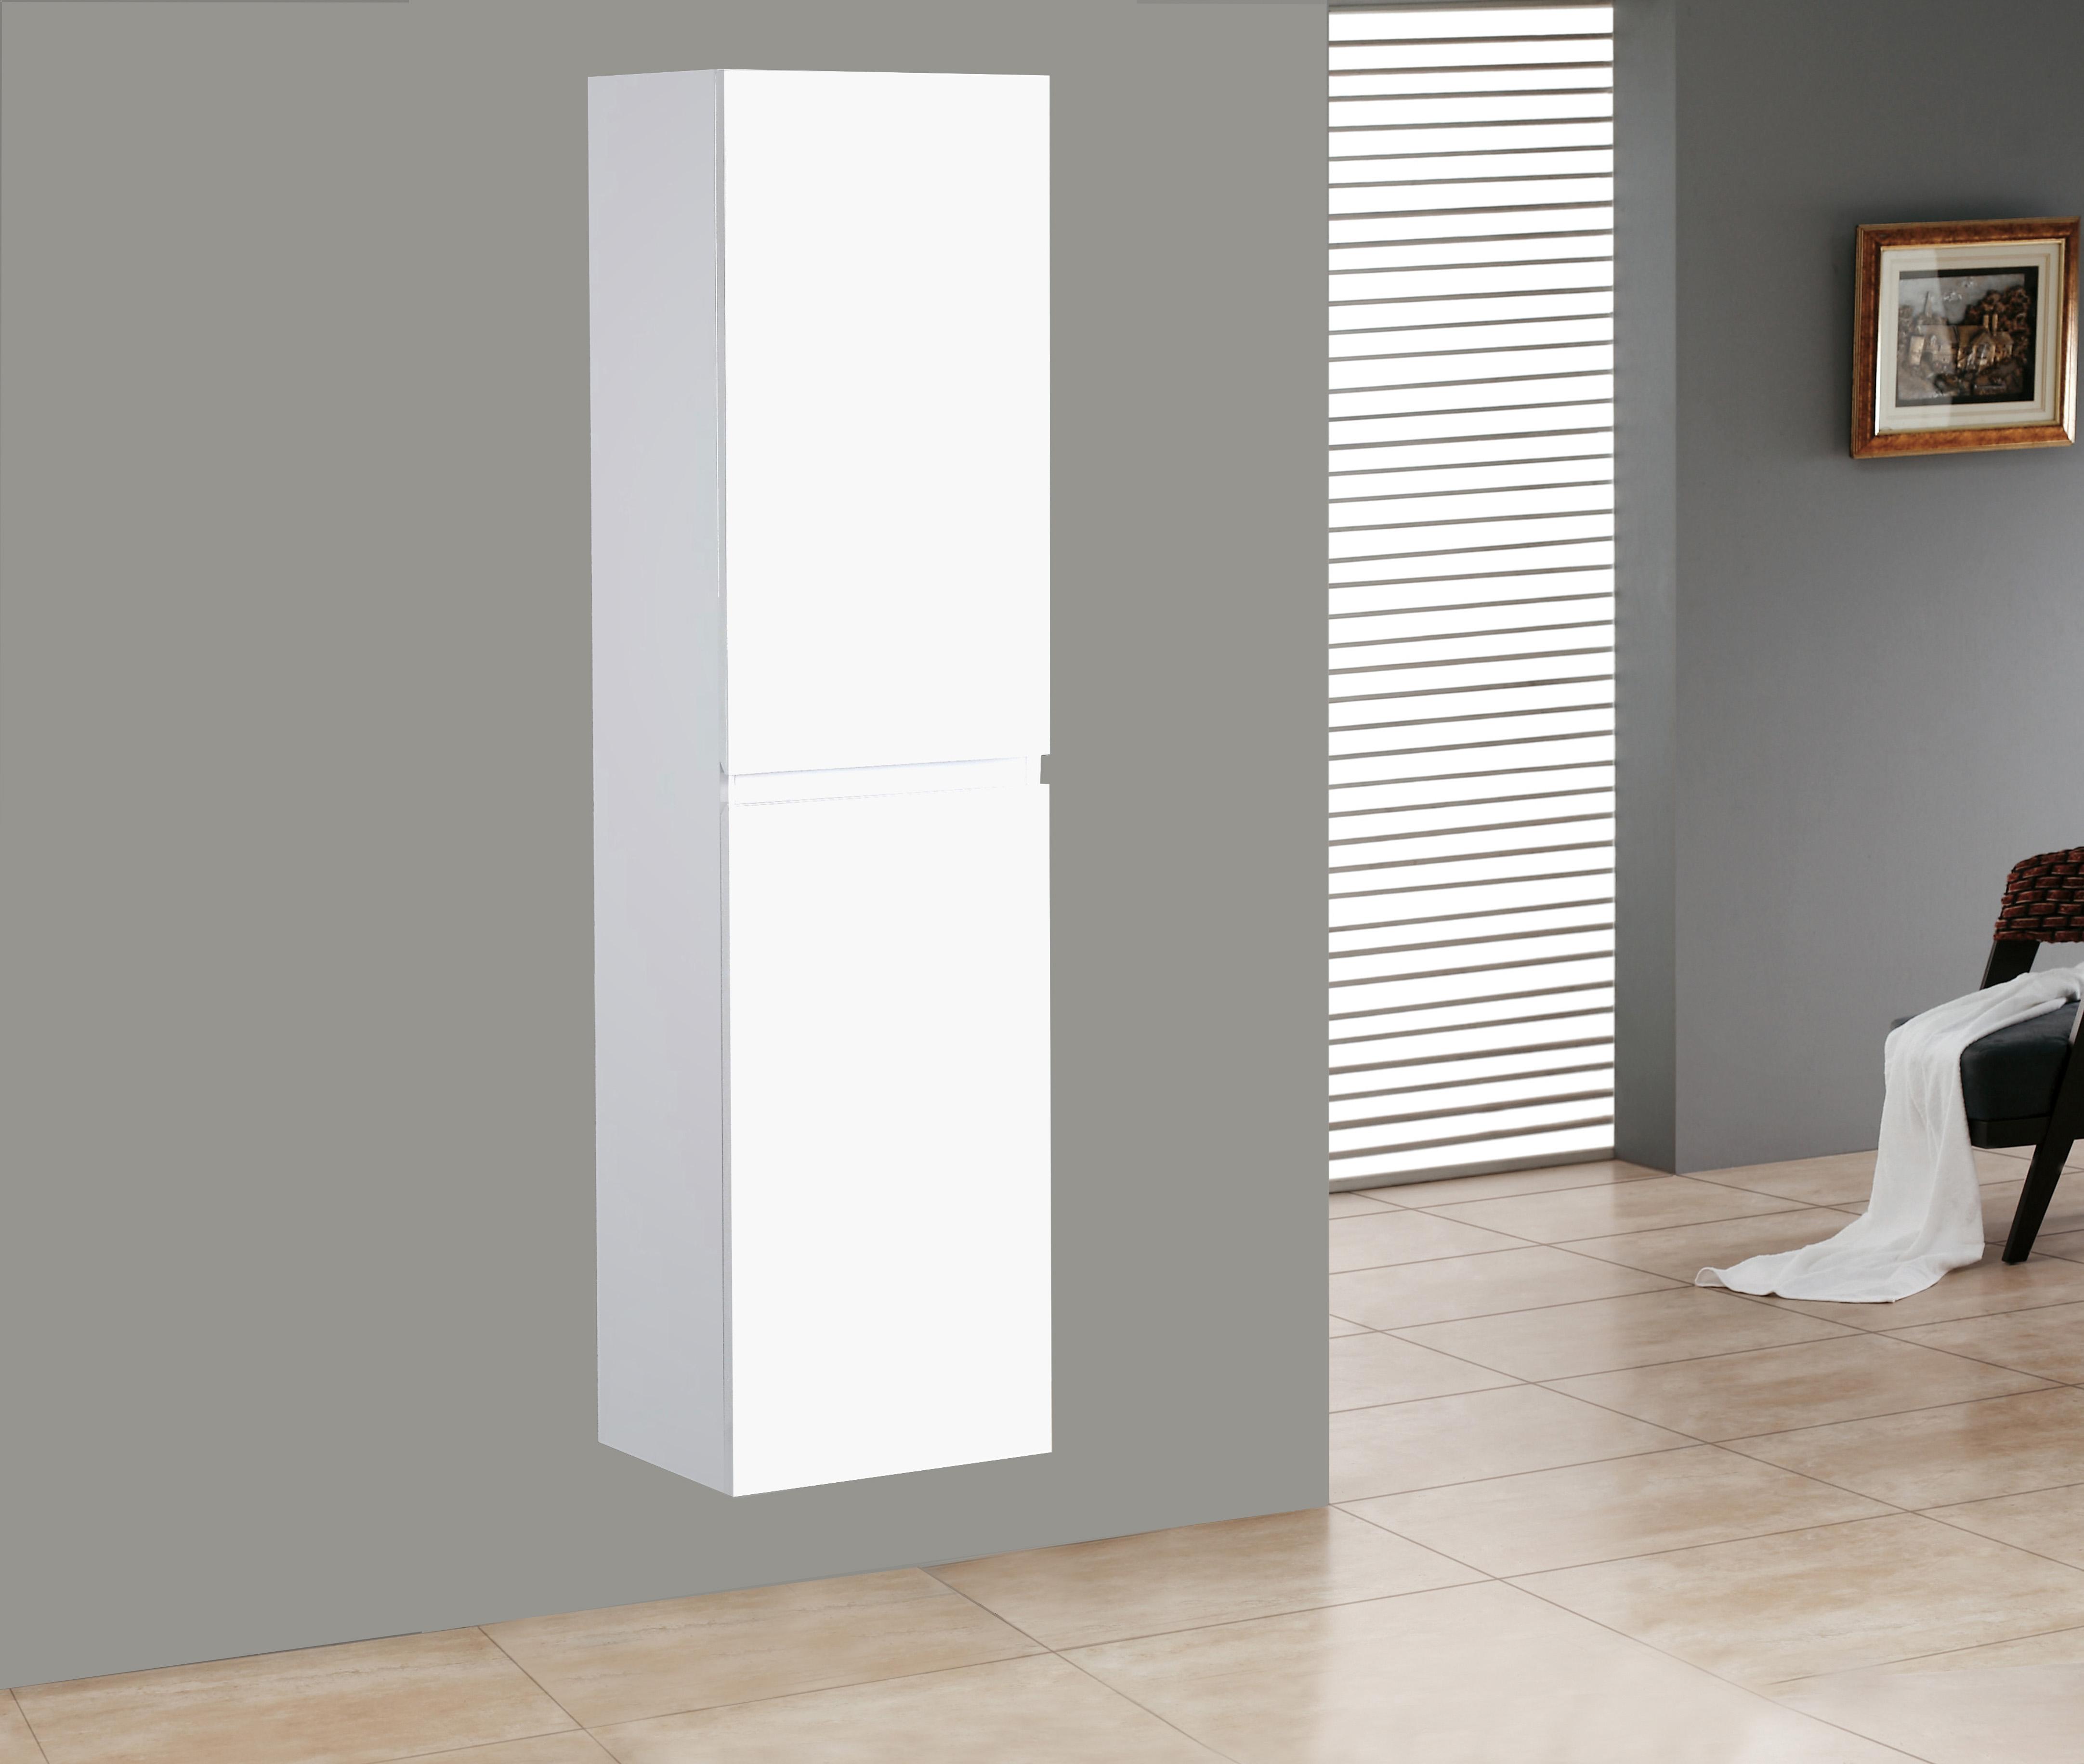 Badmöbel Seitenschrank SWIFT in hochglanz-weiß